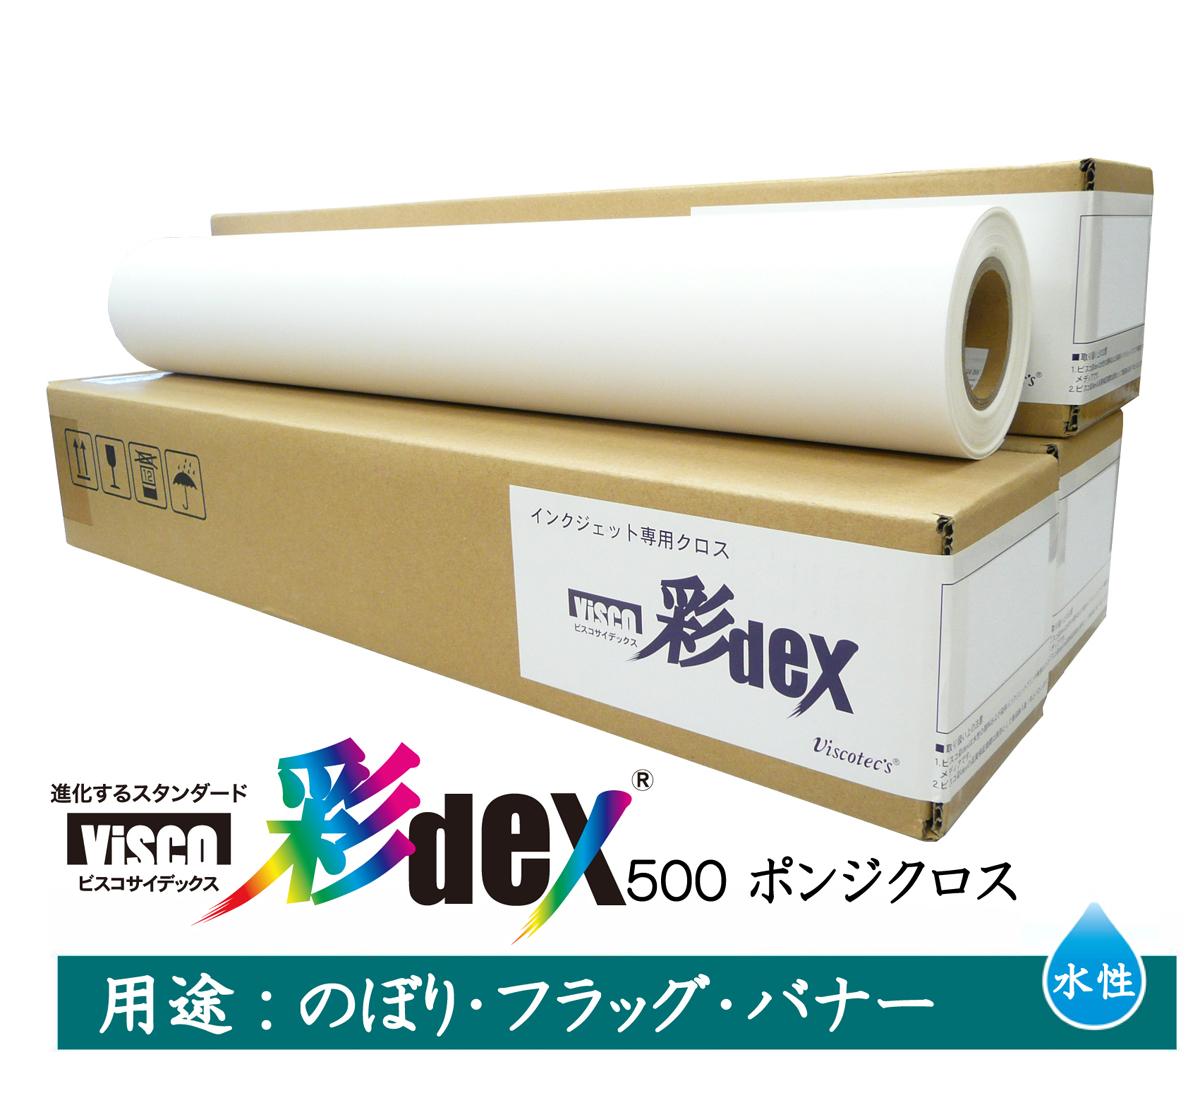 セーレン 水性クロスメディア 彩DEXシリーズ ポンジクロス 610mm×20m 2インチ 彩dex500 [ HS021A/500-0610 ]